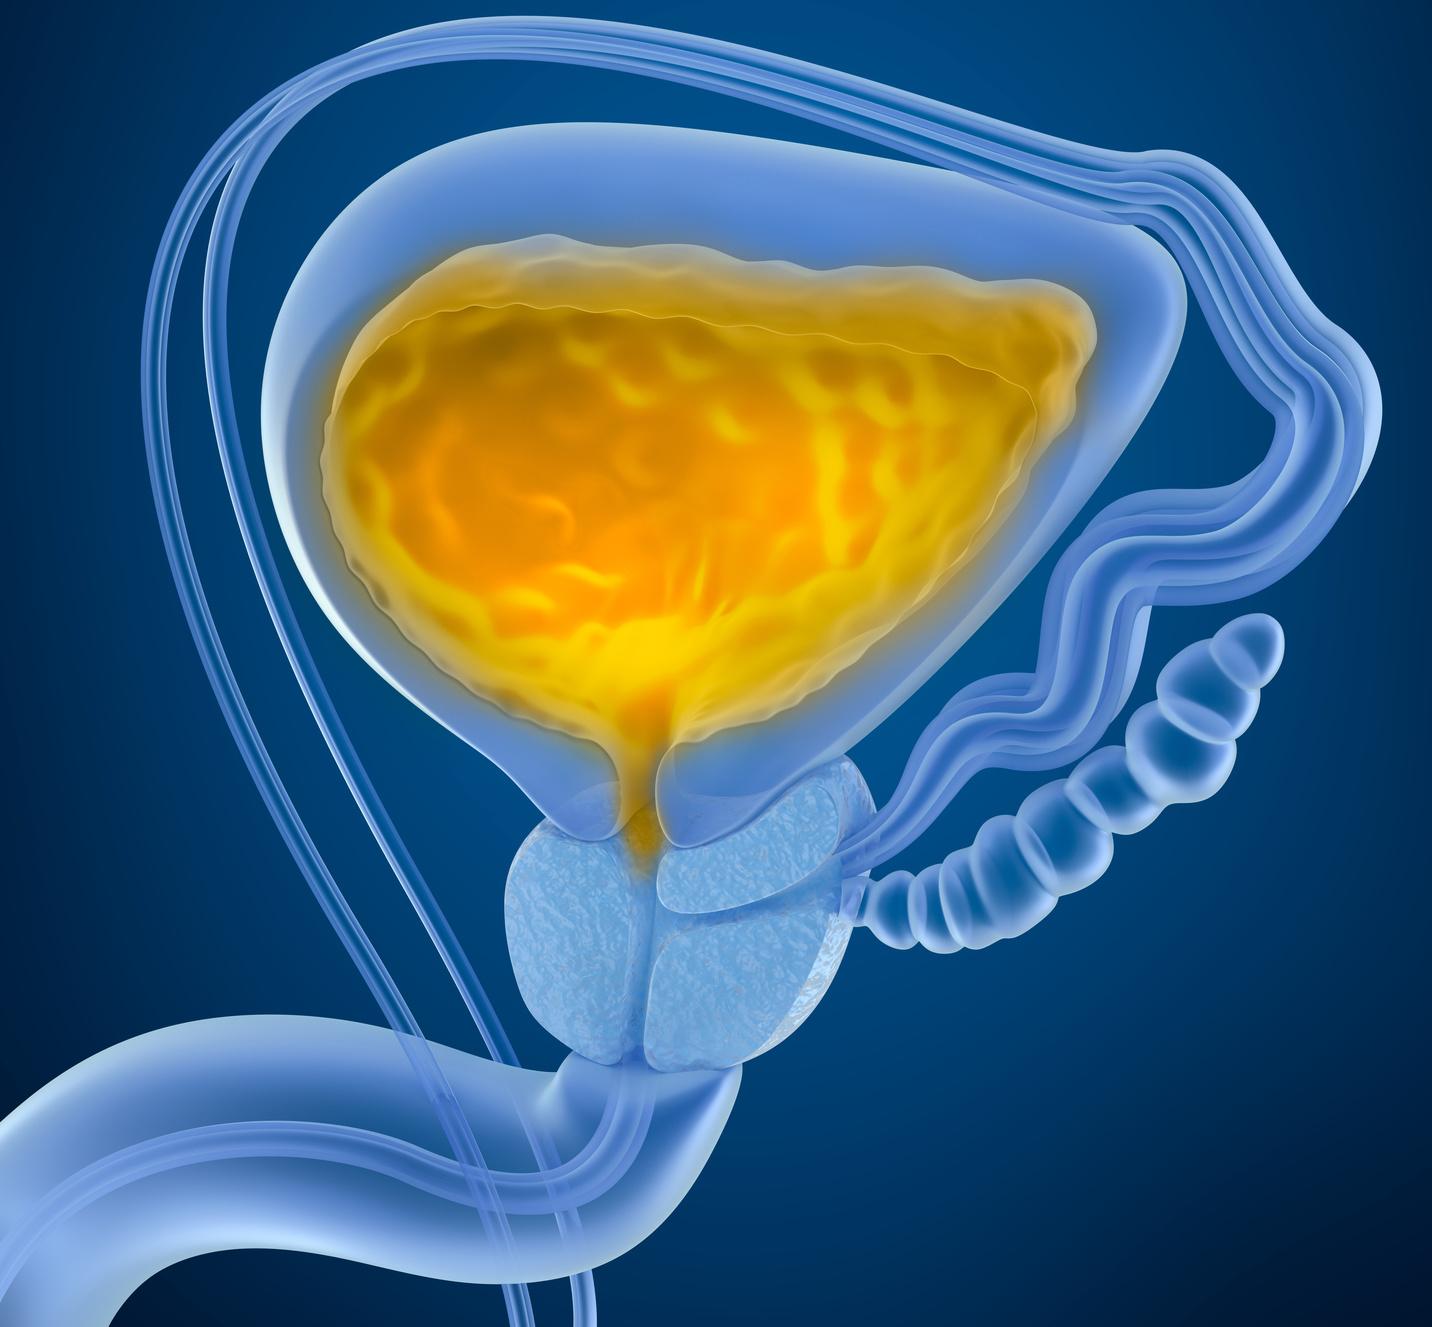 Estenose da uretra dificulta fluxo urinário